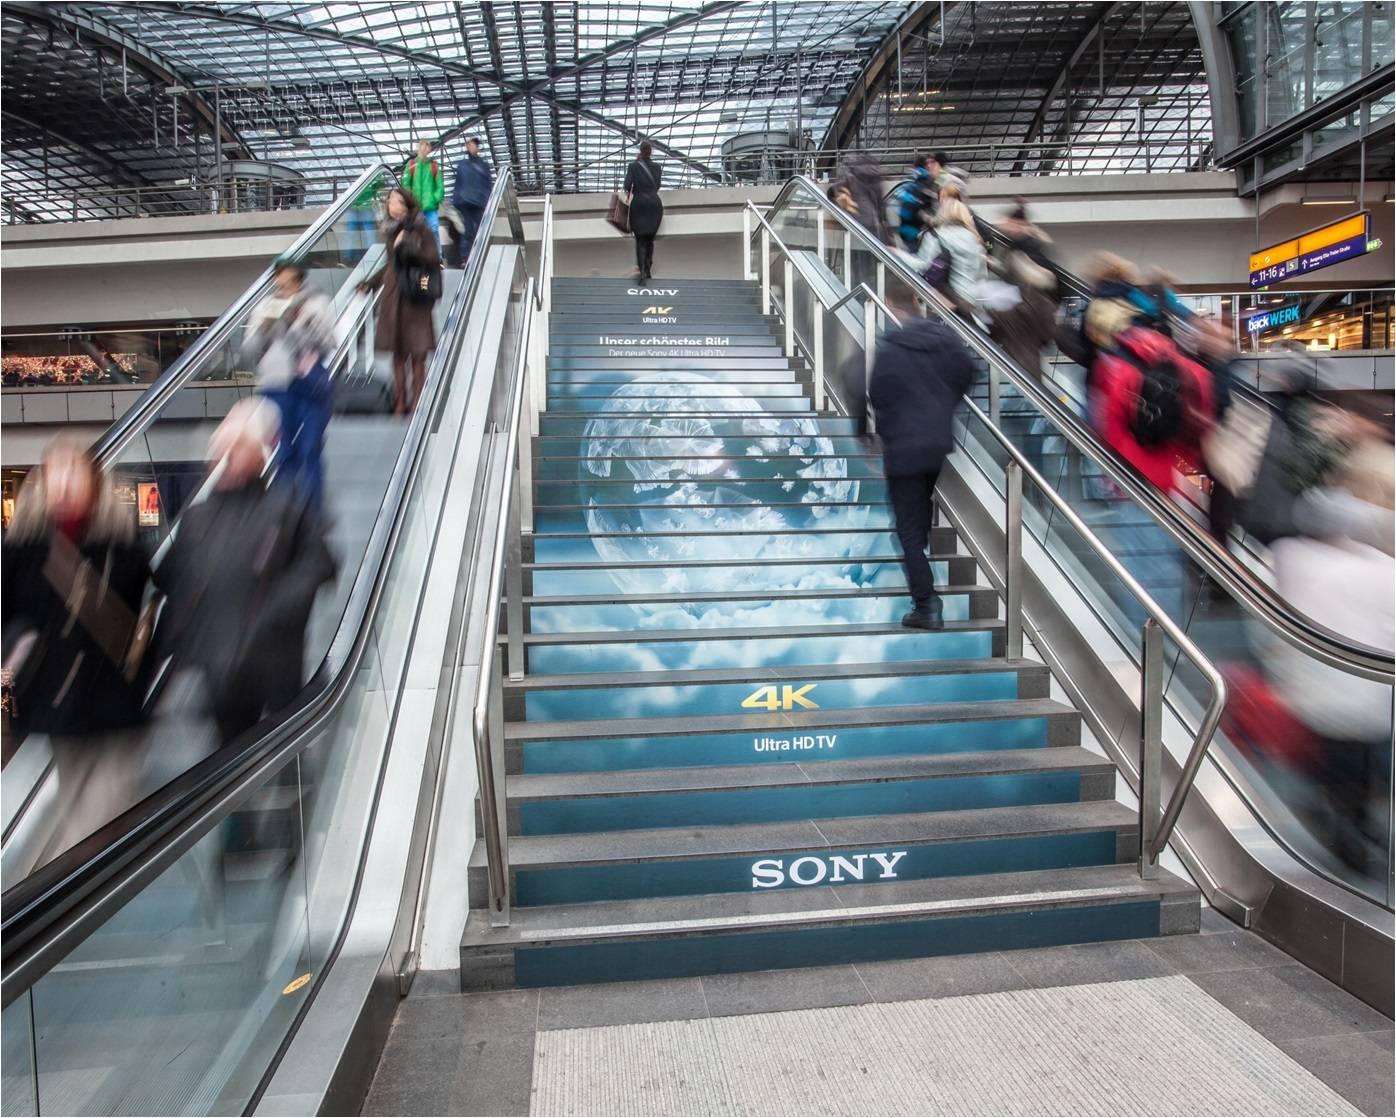 海外德国柏林中心火车站 楼梯广告